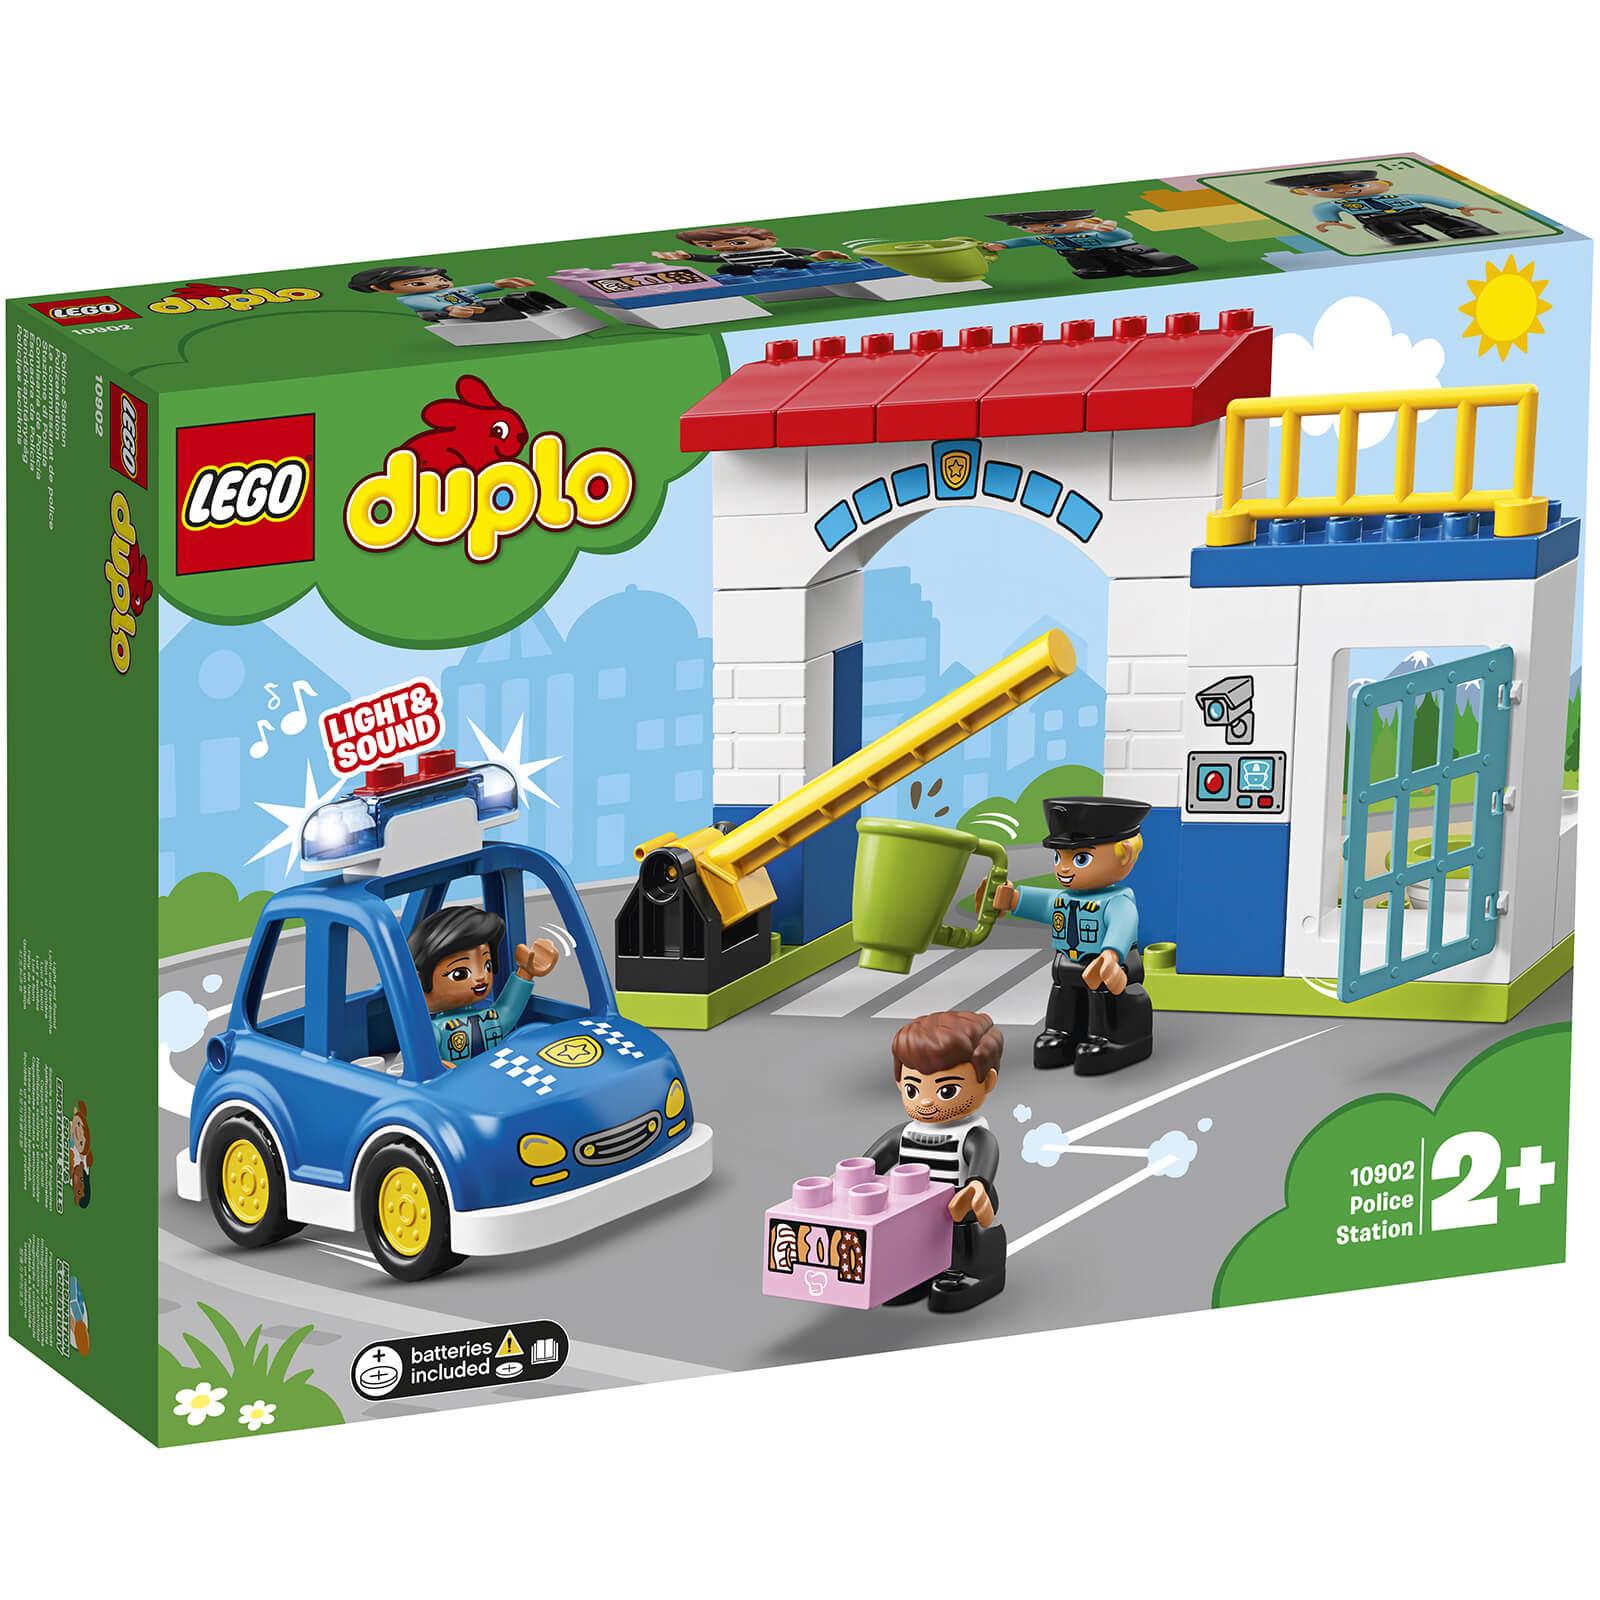 Lego Duplo Town Police Station 10902 Toys Thehutcom